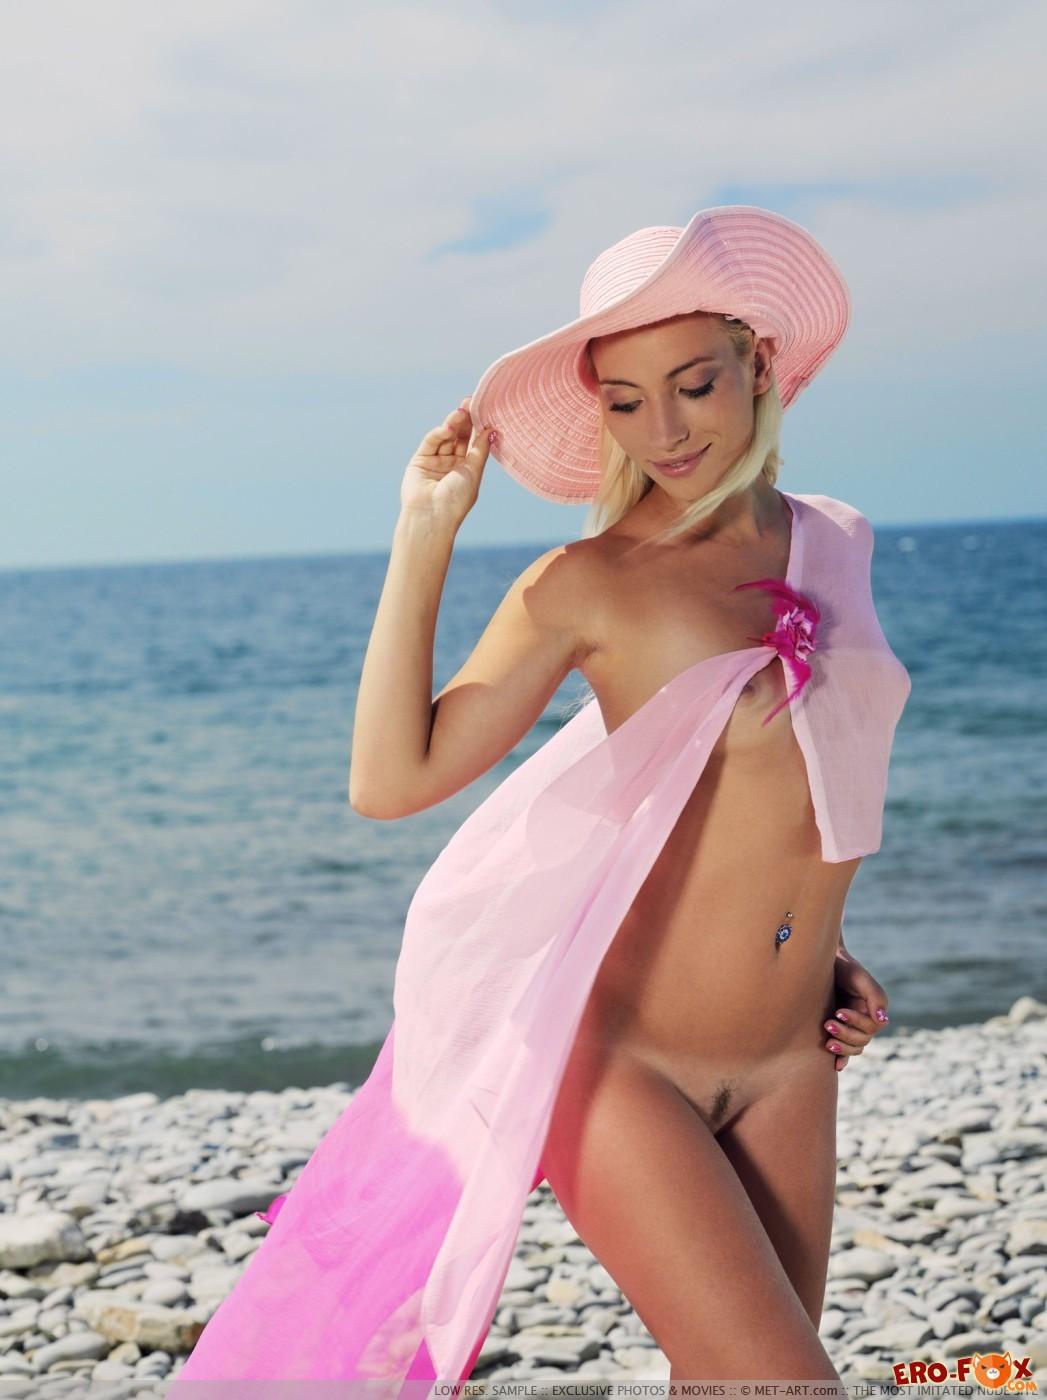 Голая девица в шляпке эротично позирует на пляже - фото